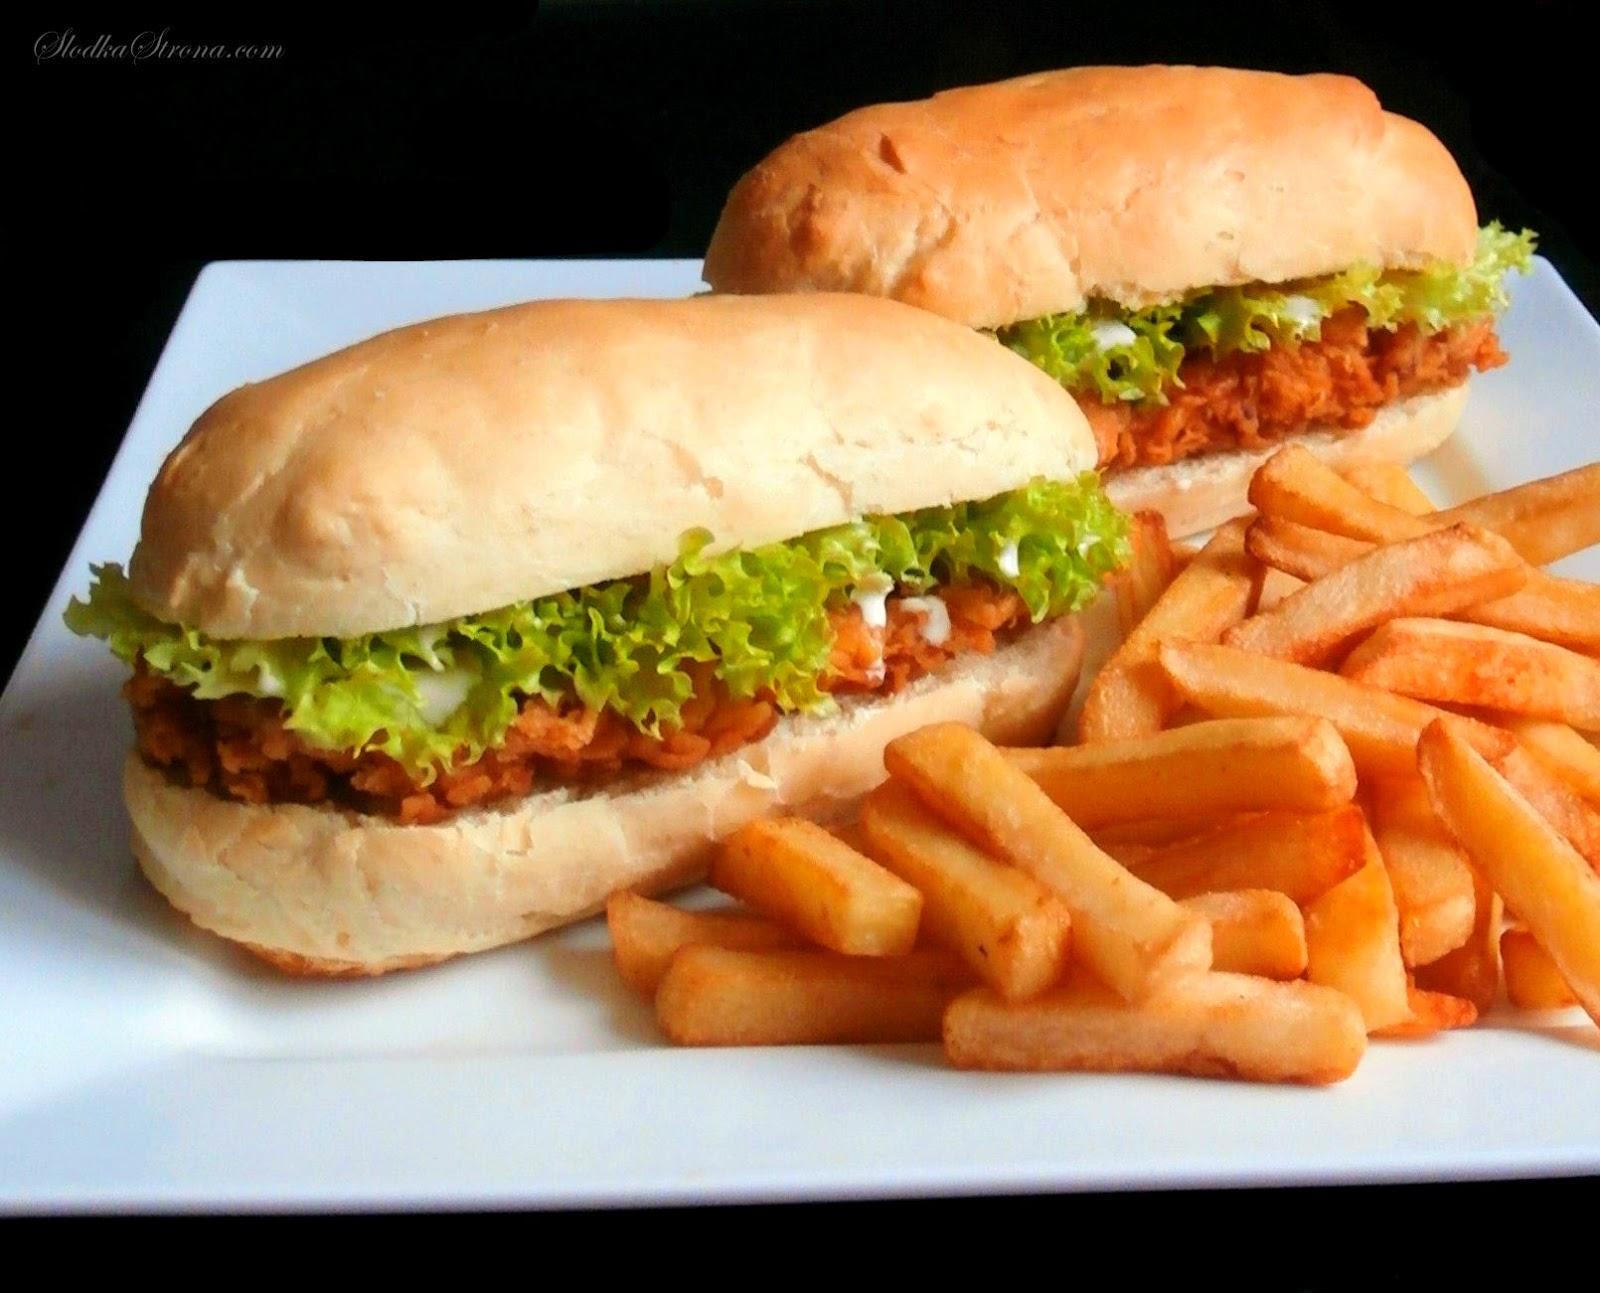 Domowy Tender jak z KFC - Przepis - Słodka Strona, Tender, to łagodniejsza wersja znanego wszystkim Longera z KFC Charakteryzuje go podłużna bułeczka (bez sezamu, jak w przypadku Longera), soczysta, łagodna polędwiczka (Longer posiada pikantnego kurczaka) oraz sałata. Ketchup zastąpiony został delikatnym sosem majonezowym. Całość tworzy smakowitą przekąskę, która zasmakuje niejednemu fanowi fast foodów. Domowe Tender'y możemy przygotować samodzielnie w domu. Proces ich powstawania nie jest bardzo skomplikowany, a z pewnością uradujemy wszystkich domowników należących do fanów kurczaczków z KFC. Największym plusem samodzielnego przygotowania Tender'ów jest to, że wiemy co jemy i dzięki temu mamy mniejsze wyrzuty sumienia po zjedzeniu takich fast food'ów.   Bułeczki do Tenderów przygotujemy z przepisu na bułeczki do hot-dogów. Jeżeli chcemy zyskać na czasie możemy skorzystać z tych zakupionych w sklepie, jednak te domowe z pewnością są smaczniejsze i zdrowsze. tender przepis, jak zrobić tendera z kfc, KFC przepisy, Tender z KFC przepis, Tender przepisy, domowy tender, domowy tender przepis, Longer - jedna z popularniejszych kanapek z KFC, chrupiącą bułeczka, soczysta polędwiczka, sałata oraz ketchup to to co znajdziemy po otwarciu paczuszki z Longer'em. Niemal identyczną kanapkę możemy przygotować samodzielnie w domu. Proces jego powstawania nie jest bardzo skomplikowany, a z pewnością uradujemy wszystkich domowników, którzy należą do fanów kurczaczków z KFC. Największym plusem takiego przygotowania longerów jest to, że wiemy co jemy i przez to mamy mniejsze wyrzuty sumienia po zjedzeniu tych fast food'ów.  Domowy Longer - Przepis - Słodka StronaBułeczki do longerów przygotujemy z przepisu na bułeczki do hot-dogów. Jeżeli chcemy zyskać na czasie możemy skorzystać z tych zakupionych w sklepie, jednak te domowe z pewnością są smaczniejsze i zdrowsze. Domowy Longer - Przepis - Słodka Strona stripsy, stripsy ala KFC, domowe stripsy, jak zrobić domowe stripsy, jak zrobić s